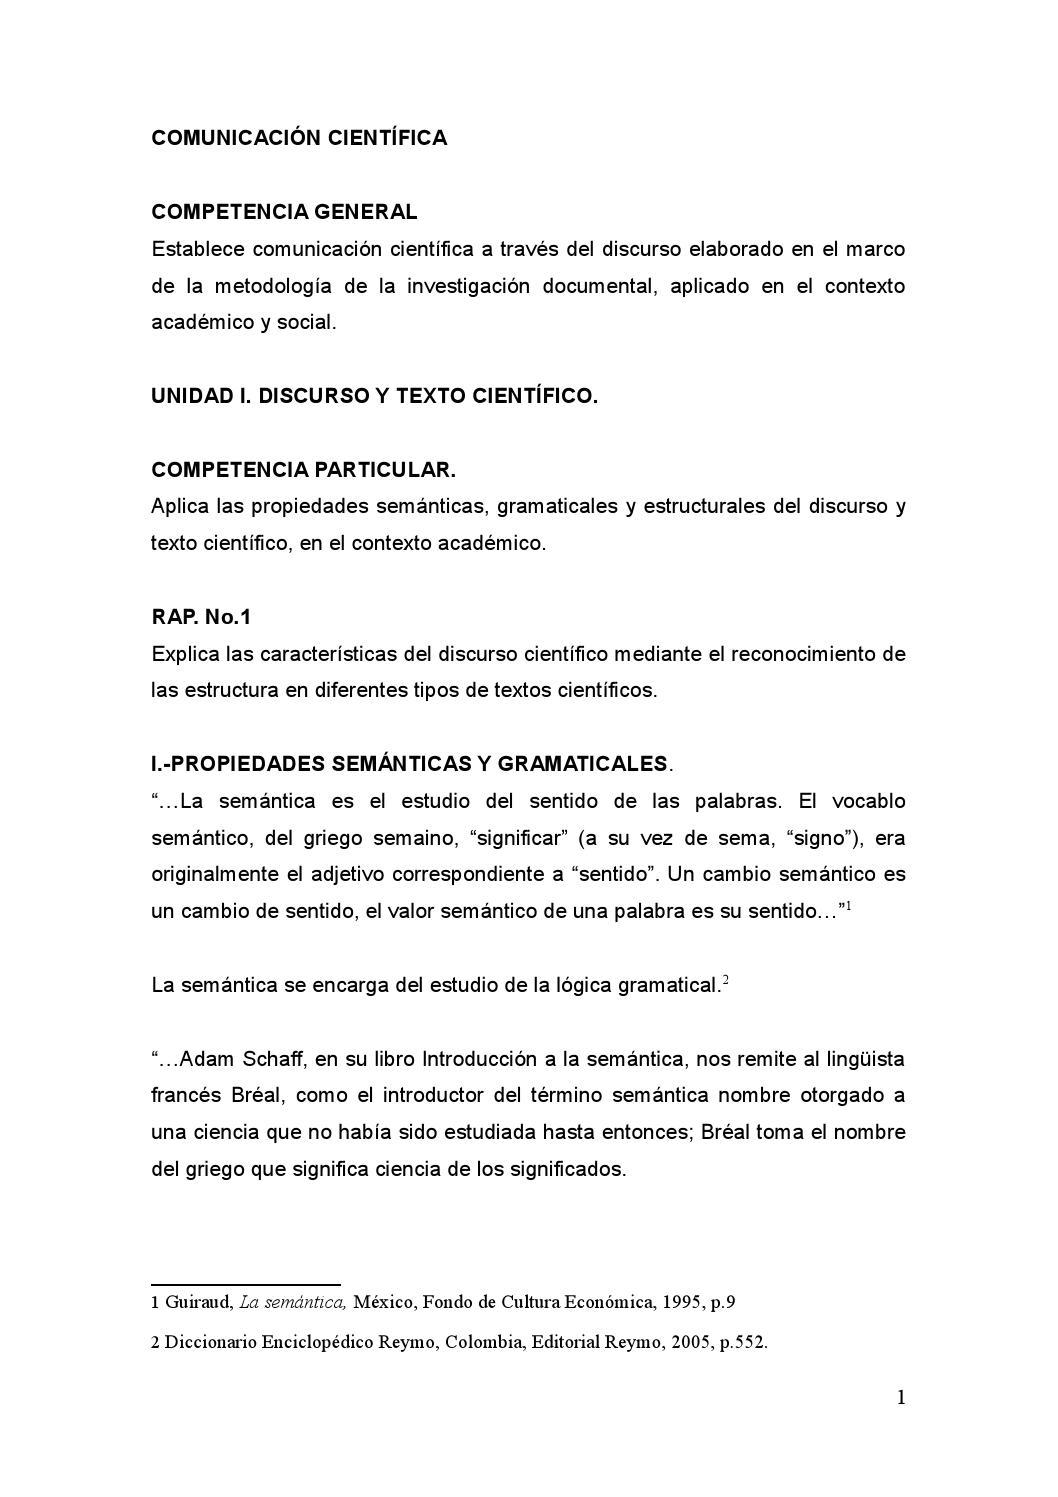 Comunicación cientifica 2 by Samuel Fernandez Garcia - issuu